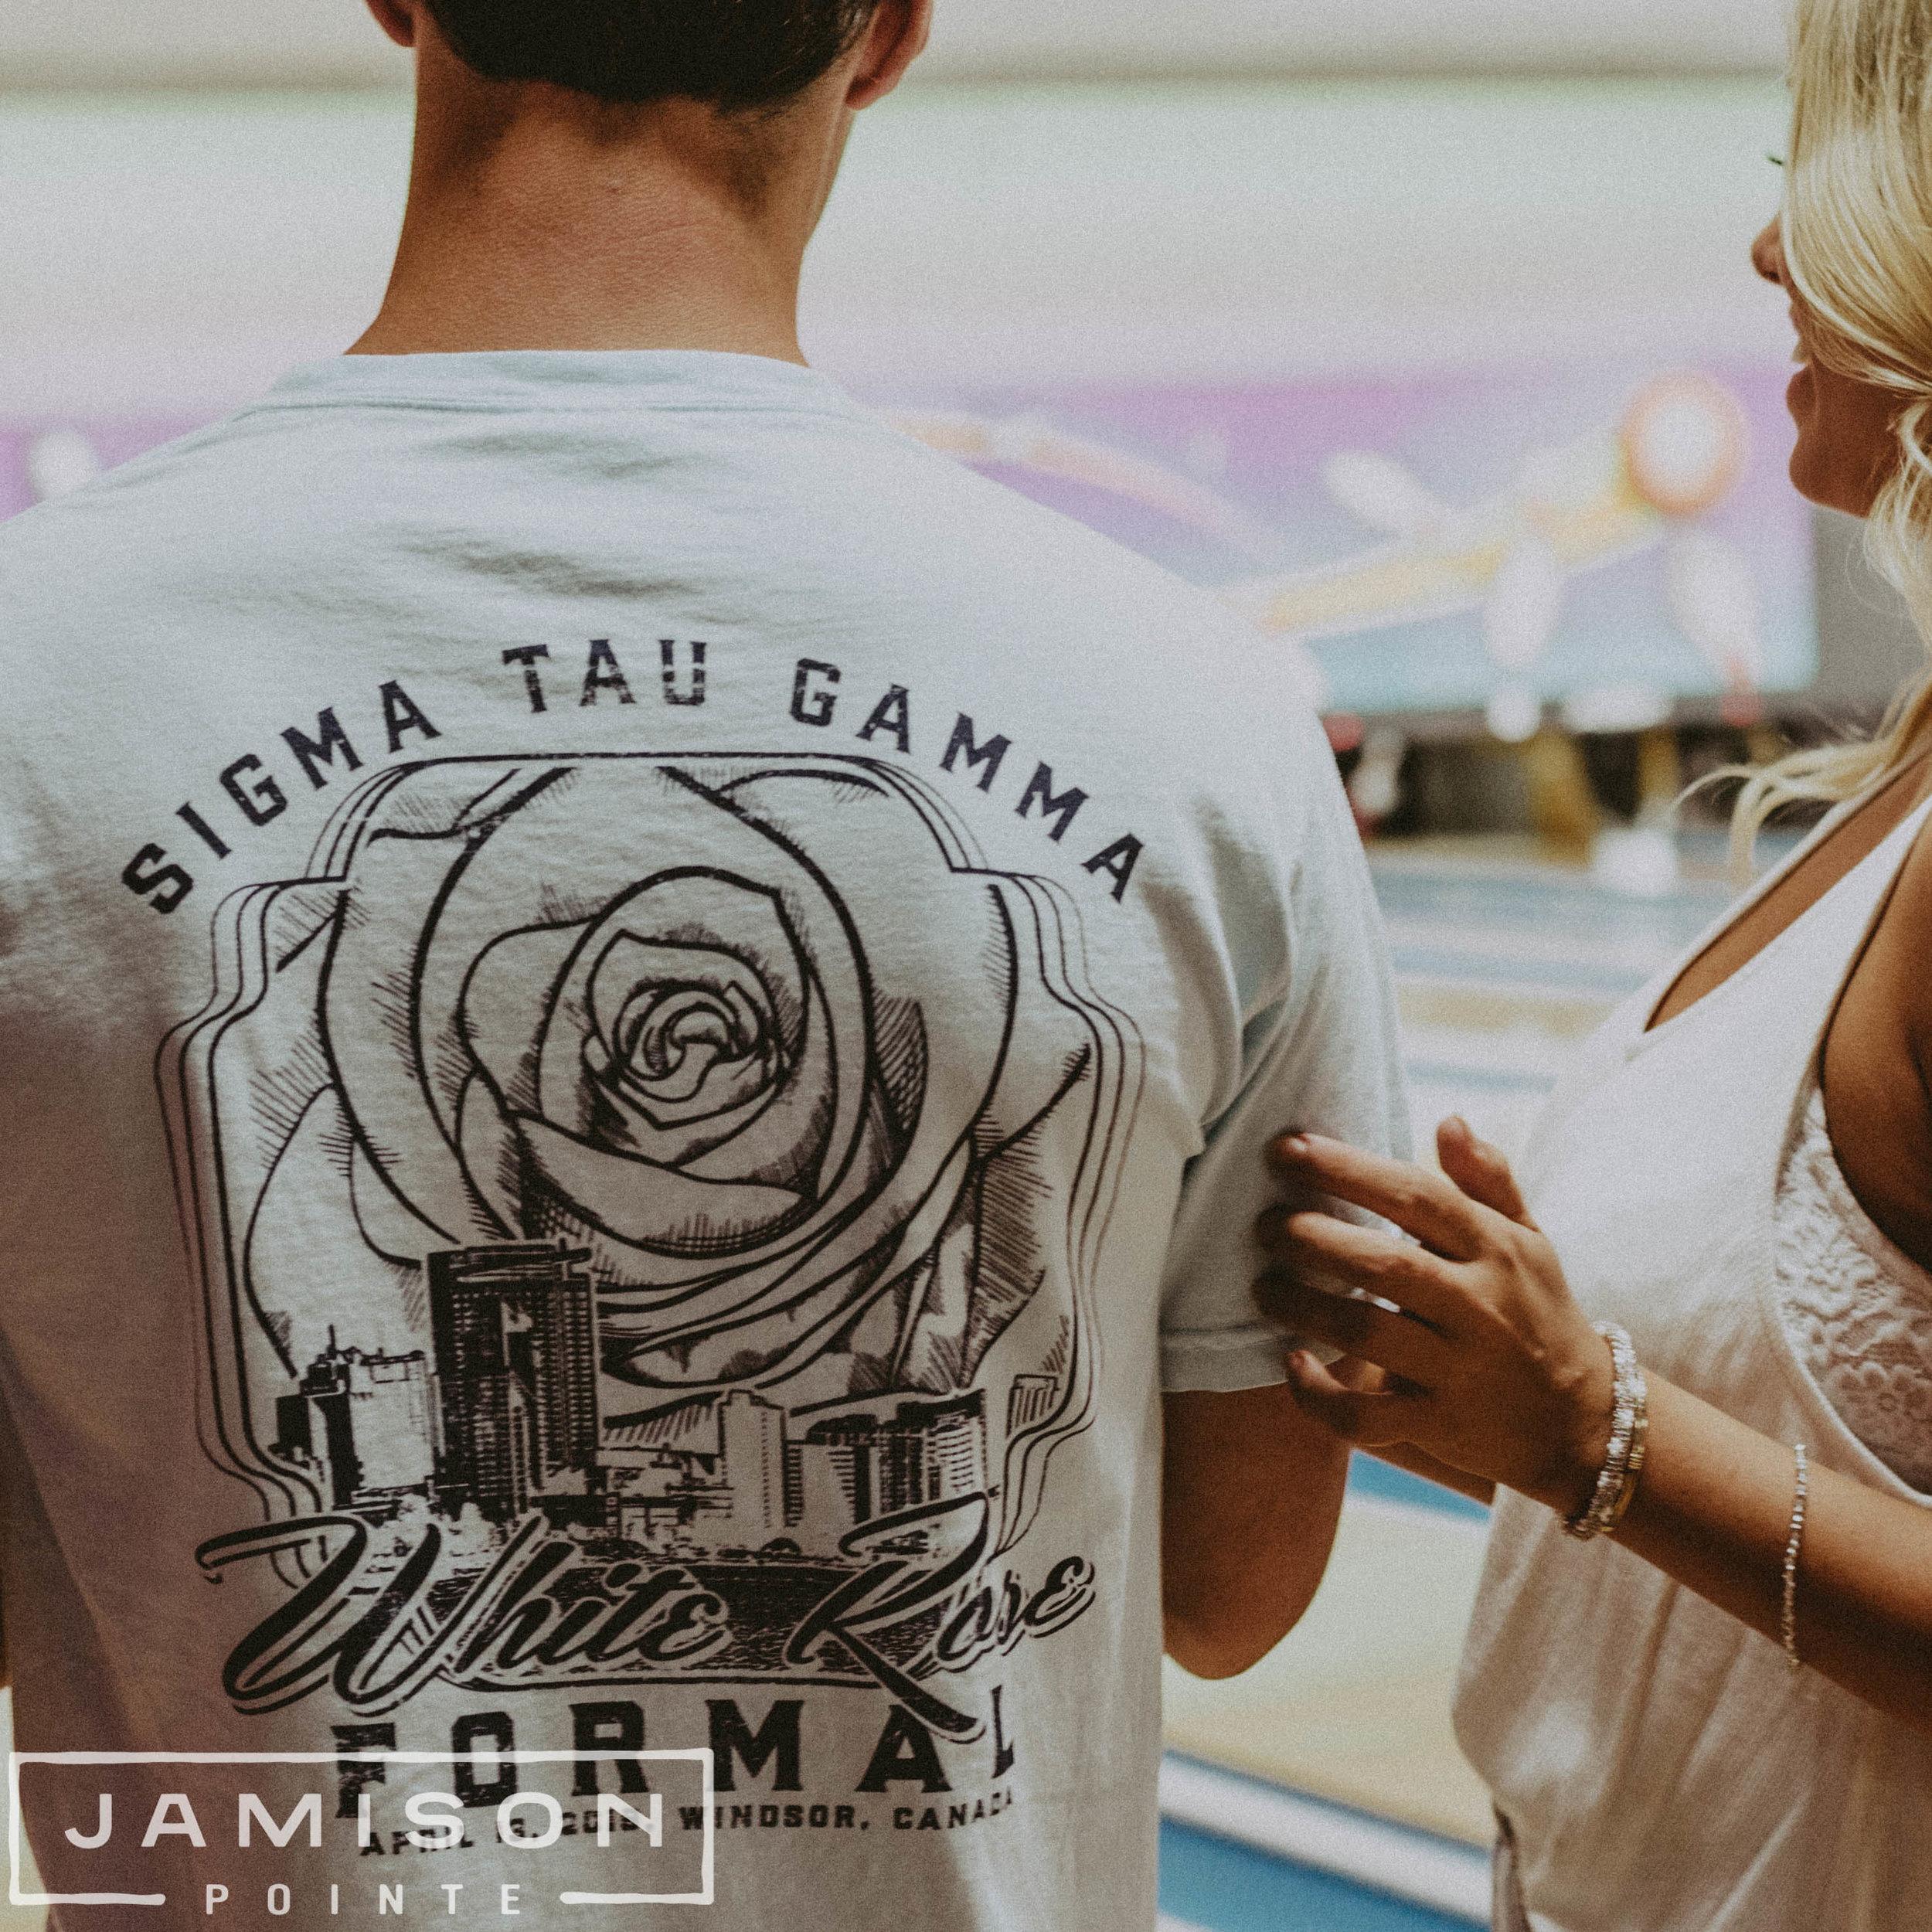 Sigma Tau Gamma White Rose Formal Tee